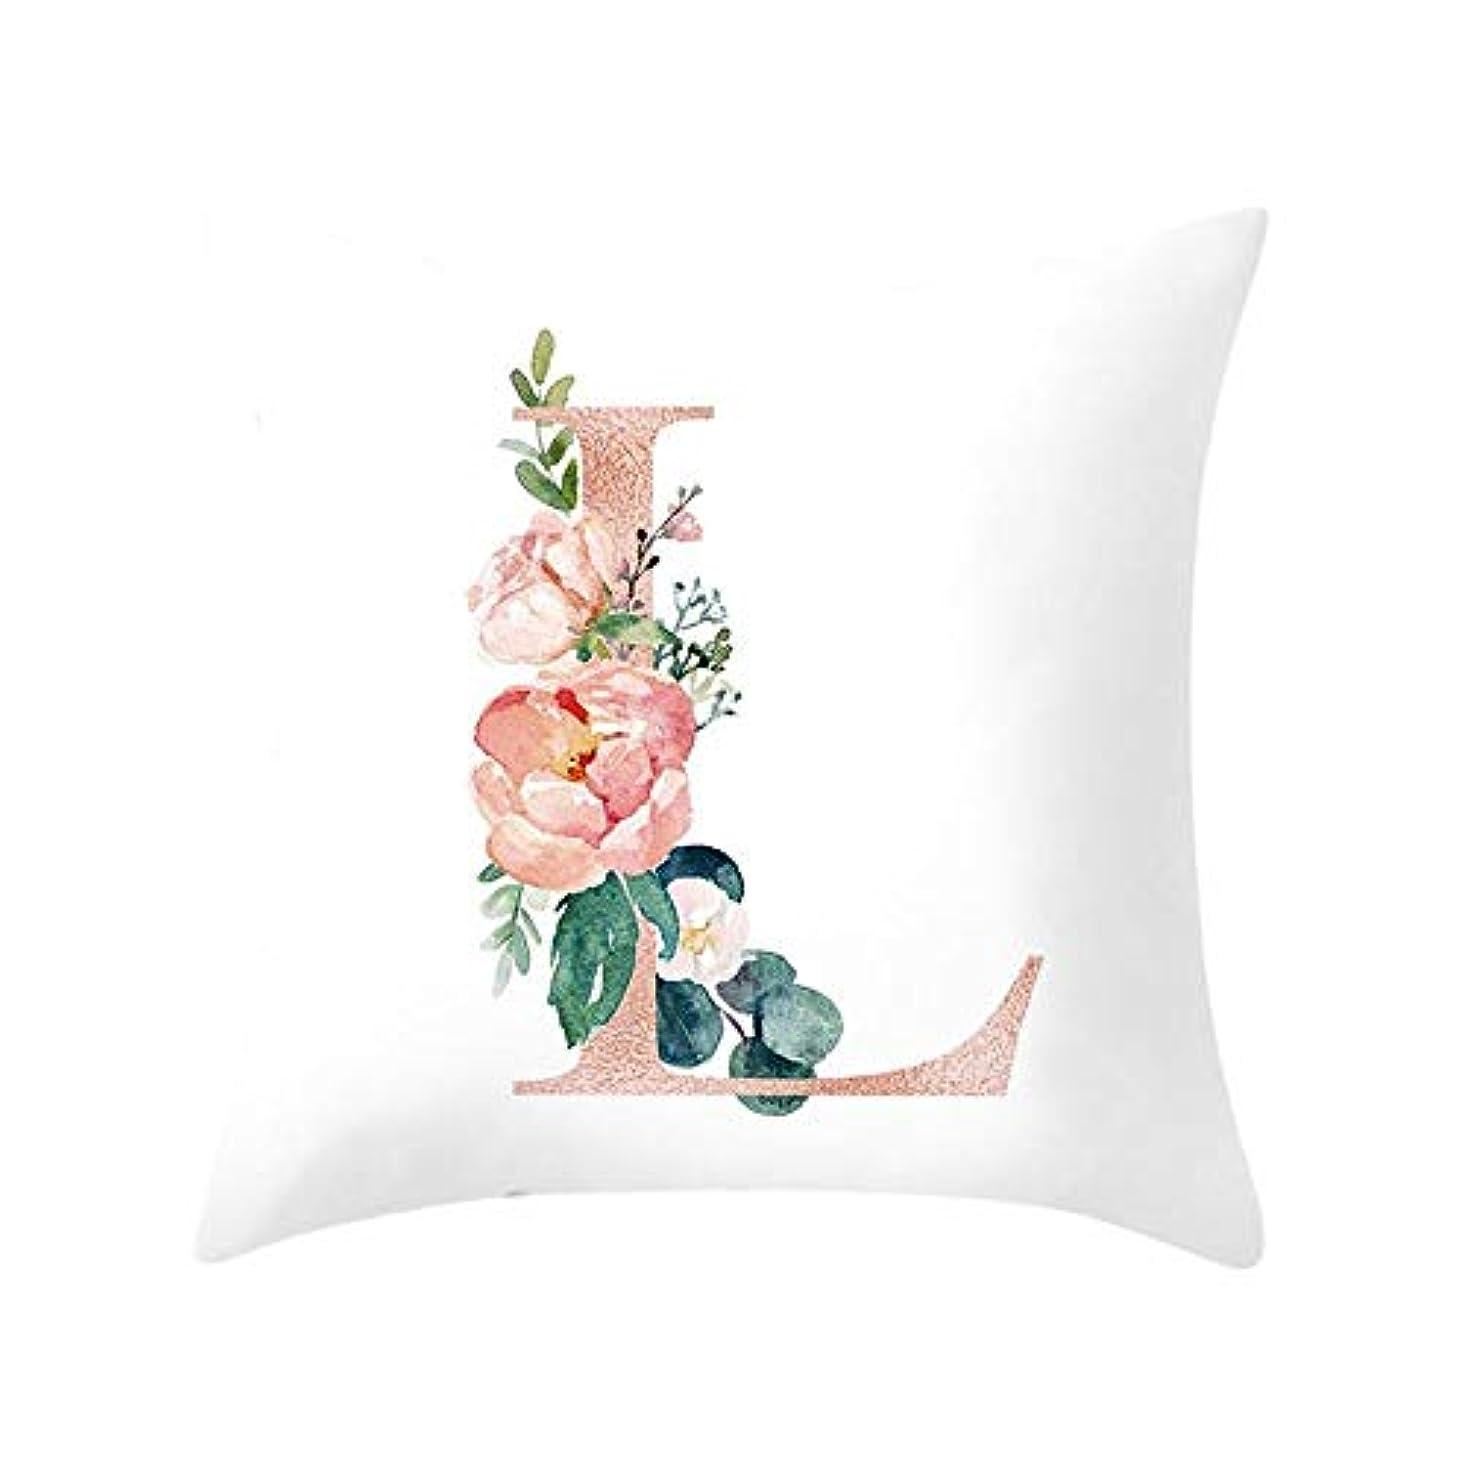 バンドル神社復活させるLIFE 装飾クッションソファ手紙枕アルファベットクッション印刷ソファ家の装飾の花枕 coussin decoratif クッション 椅子